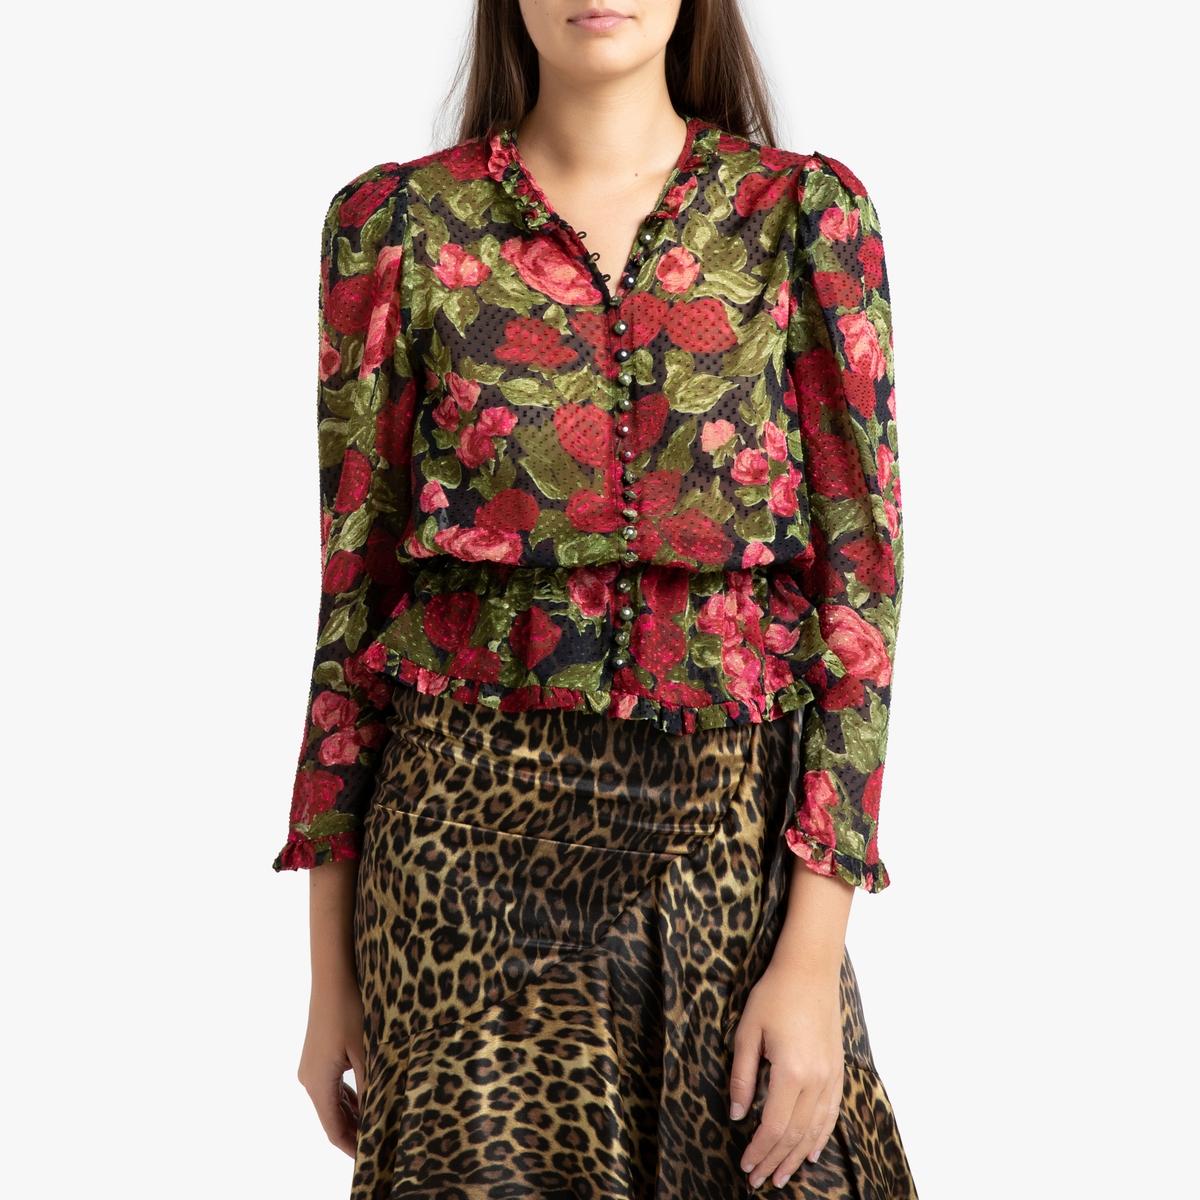 Блузка La Redoute С баской и цветочным рисунком 2(M) разноцветный панно la redoute с цветочным рисунком с эффектом картины rosa единый размер разноцветный